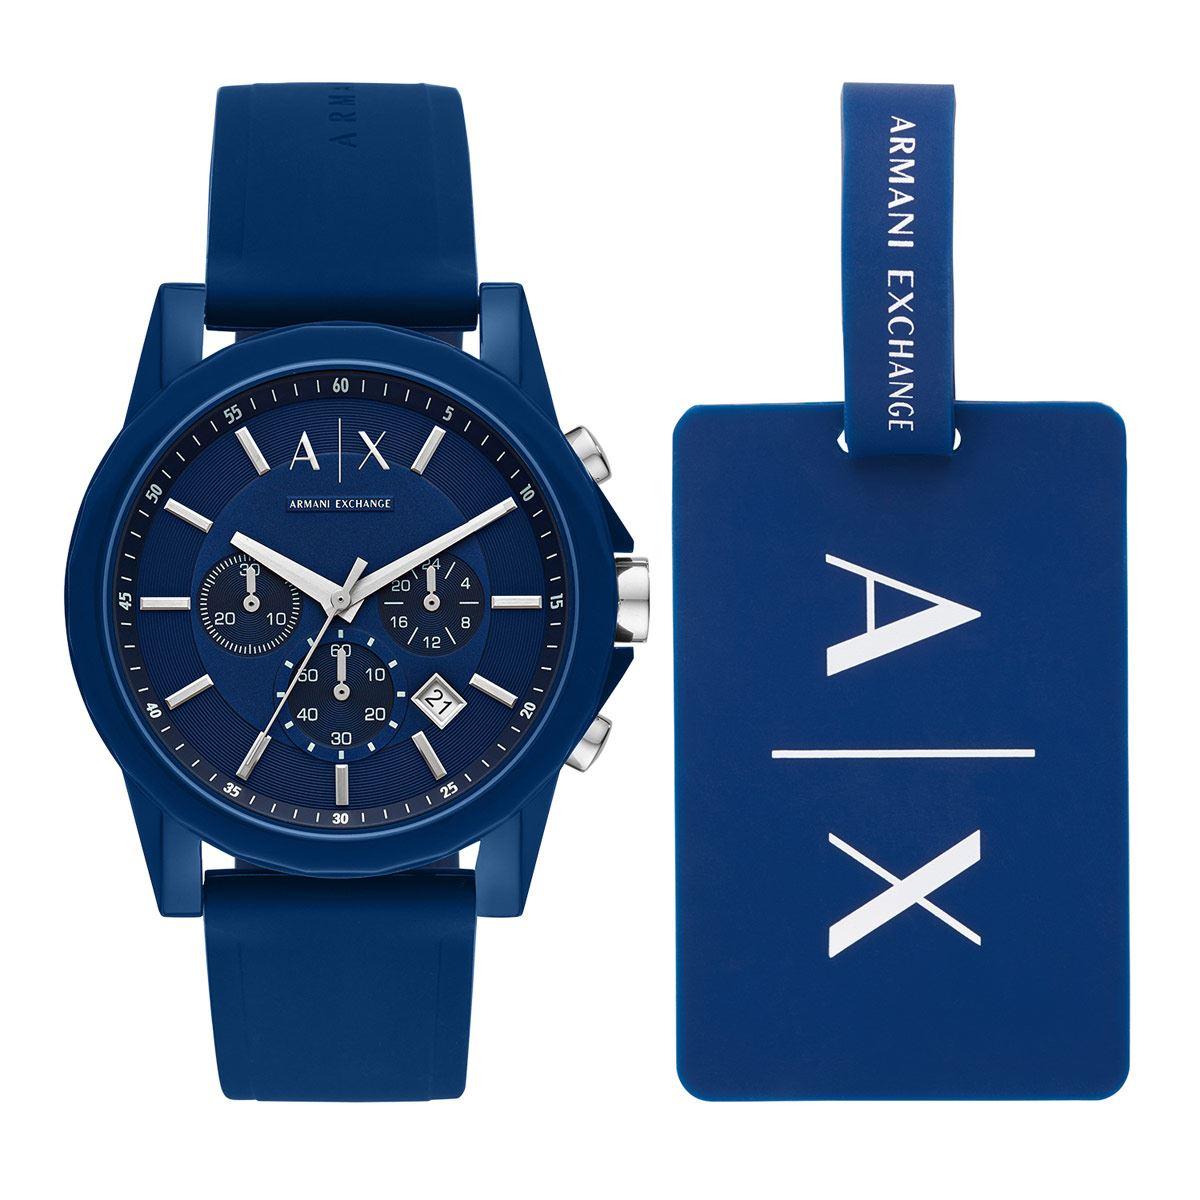 Reloj Armani Exchange AX7107